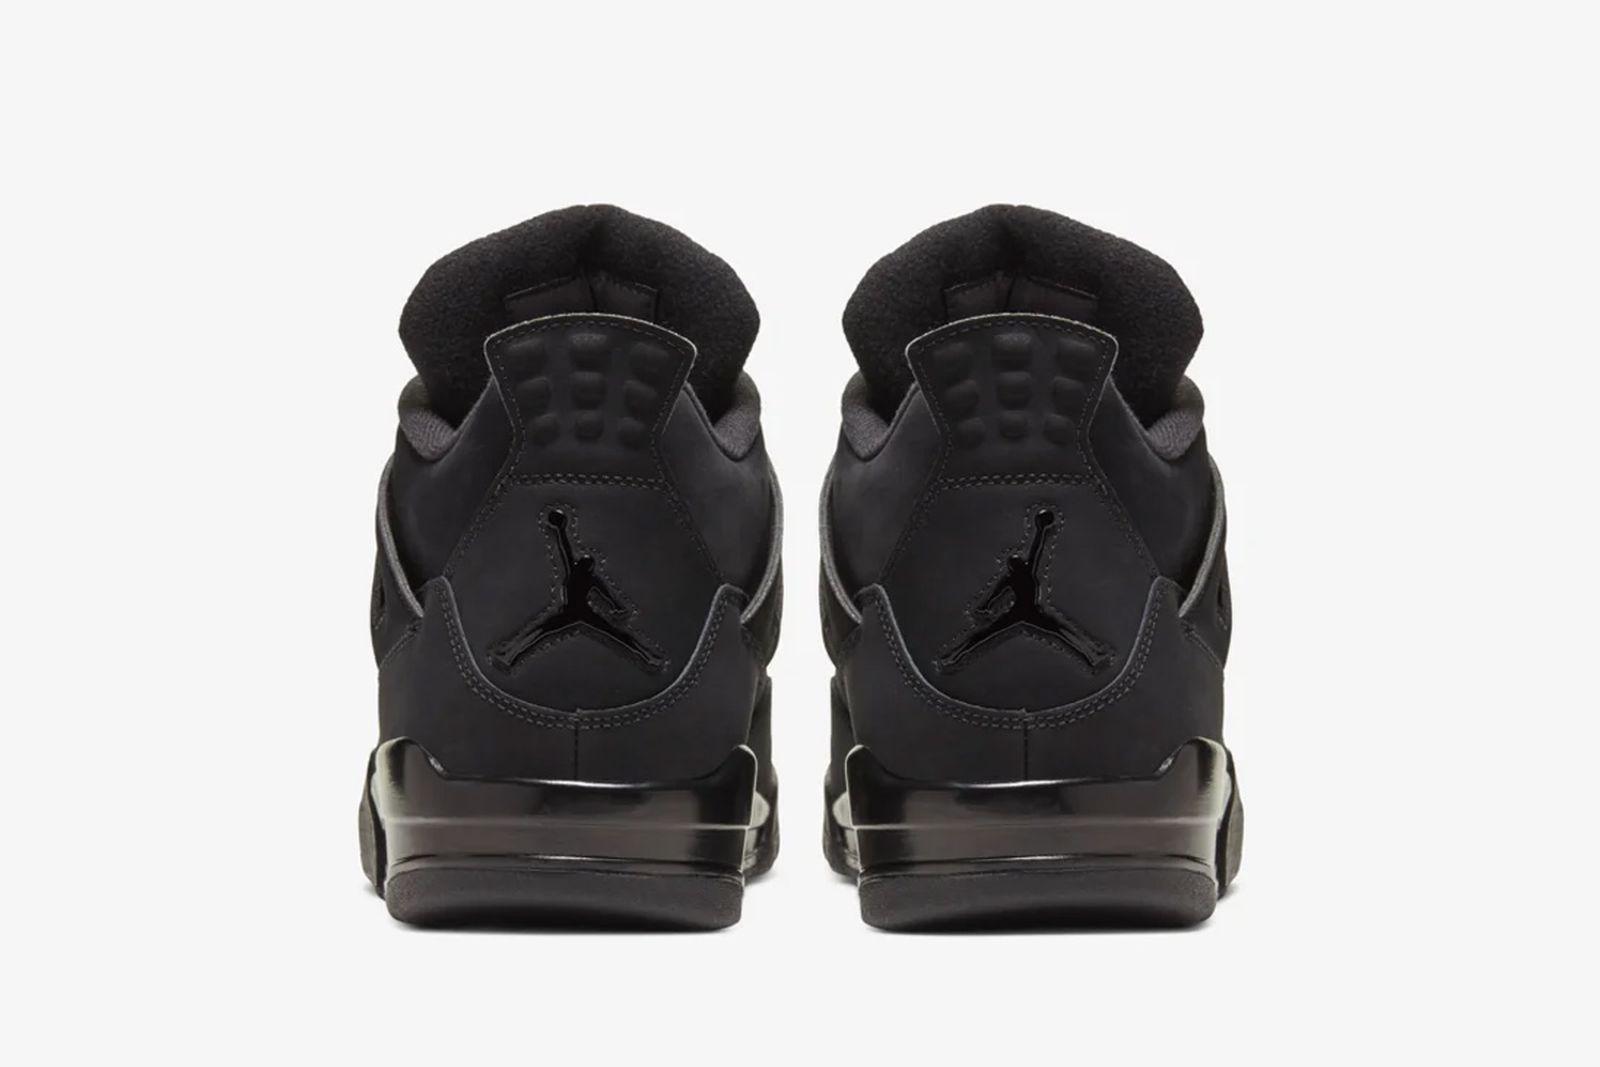 nike-air-jordan-4-black-cat-release-date-price-official-02